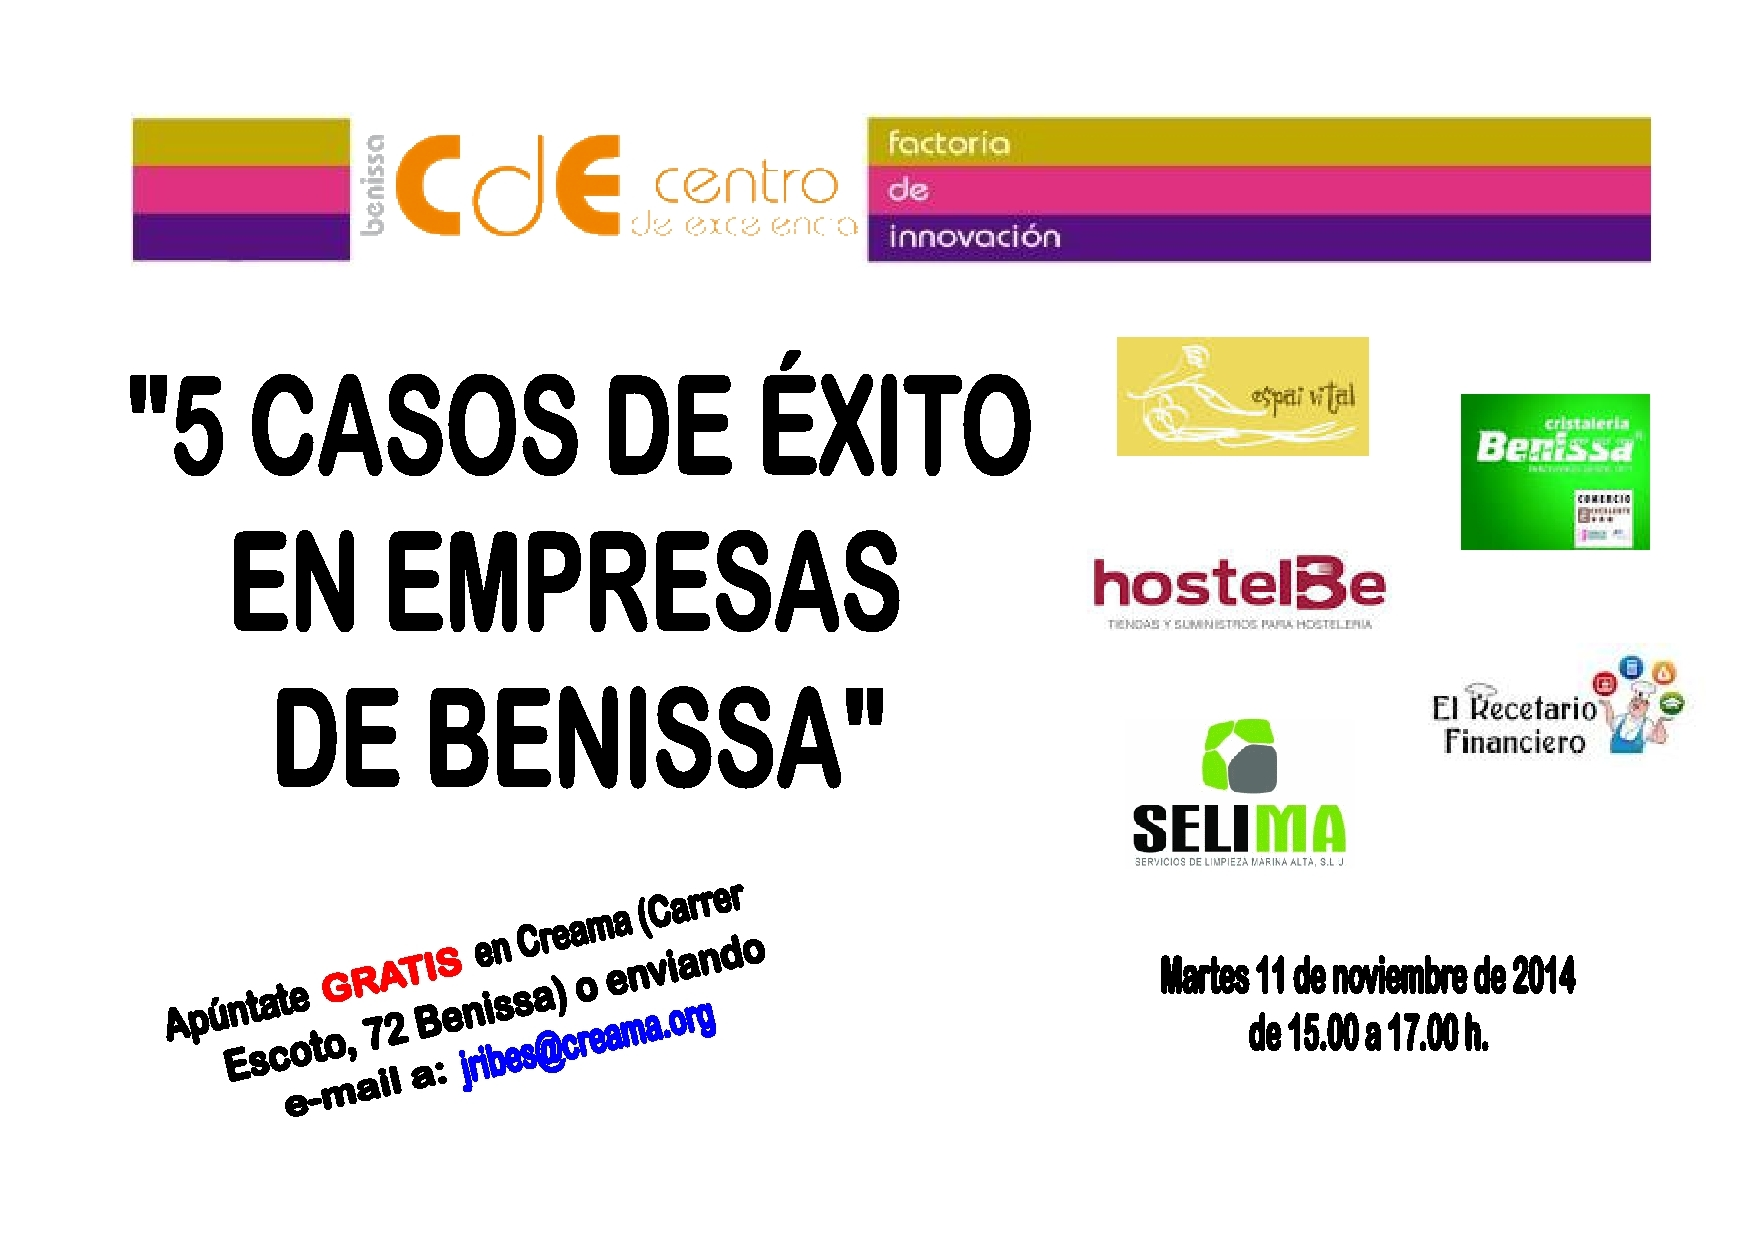 Ajuntament de benissa directorio comercial de la for Cristaleria benissa